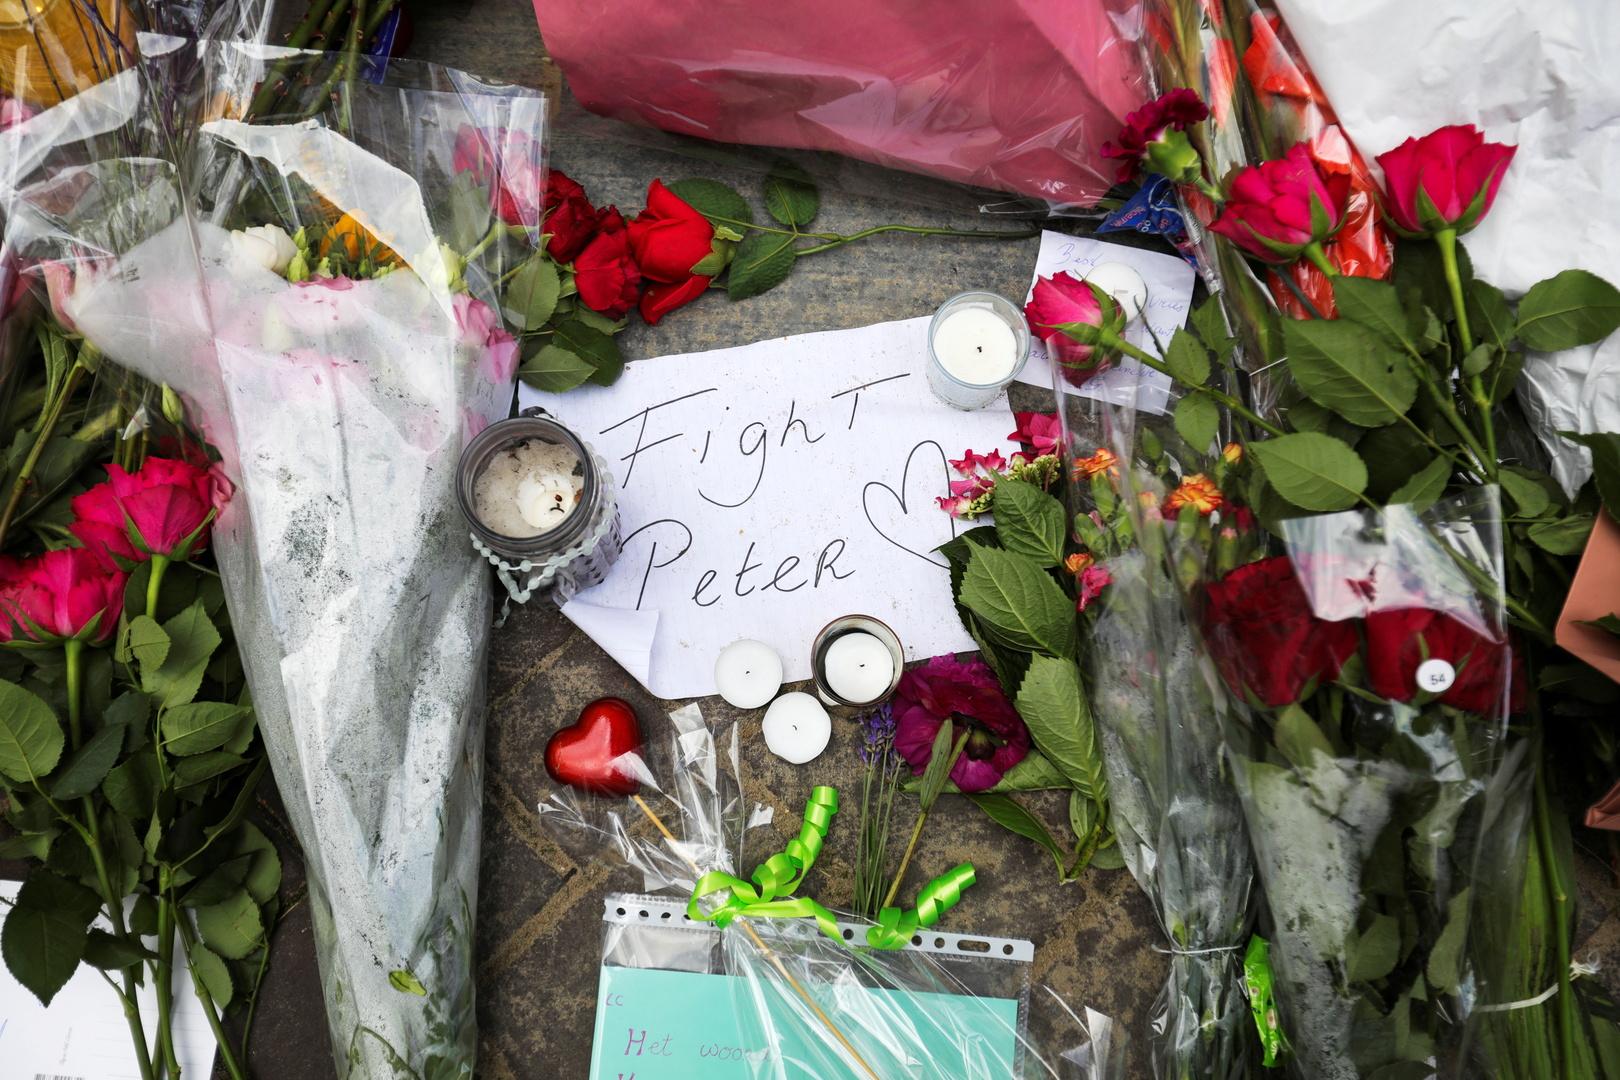 هولندا.. وفاة مراسل جريمة مشهور متأثرا بجروحه بعملية اغتيال في أمستردام